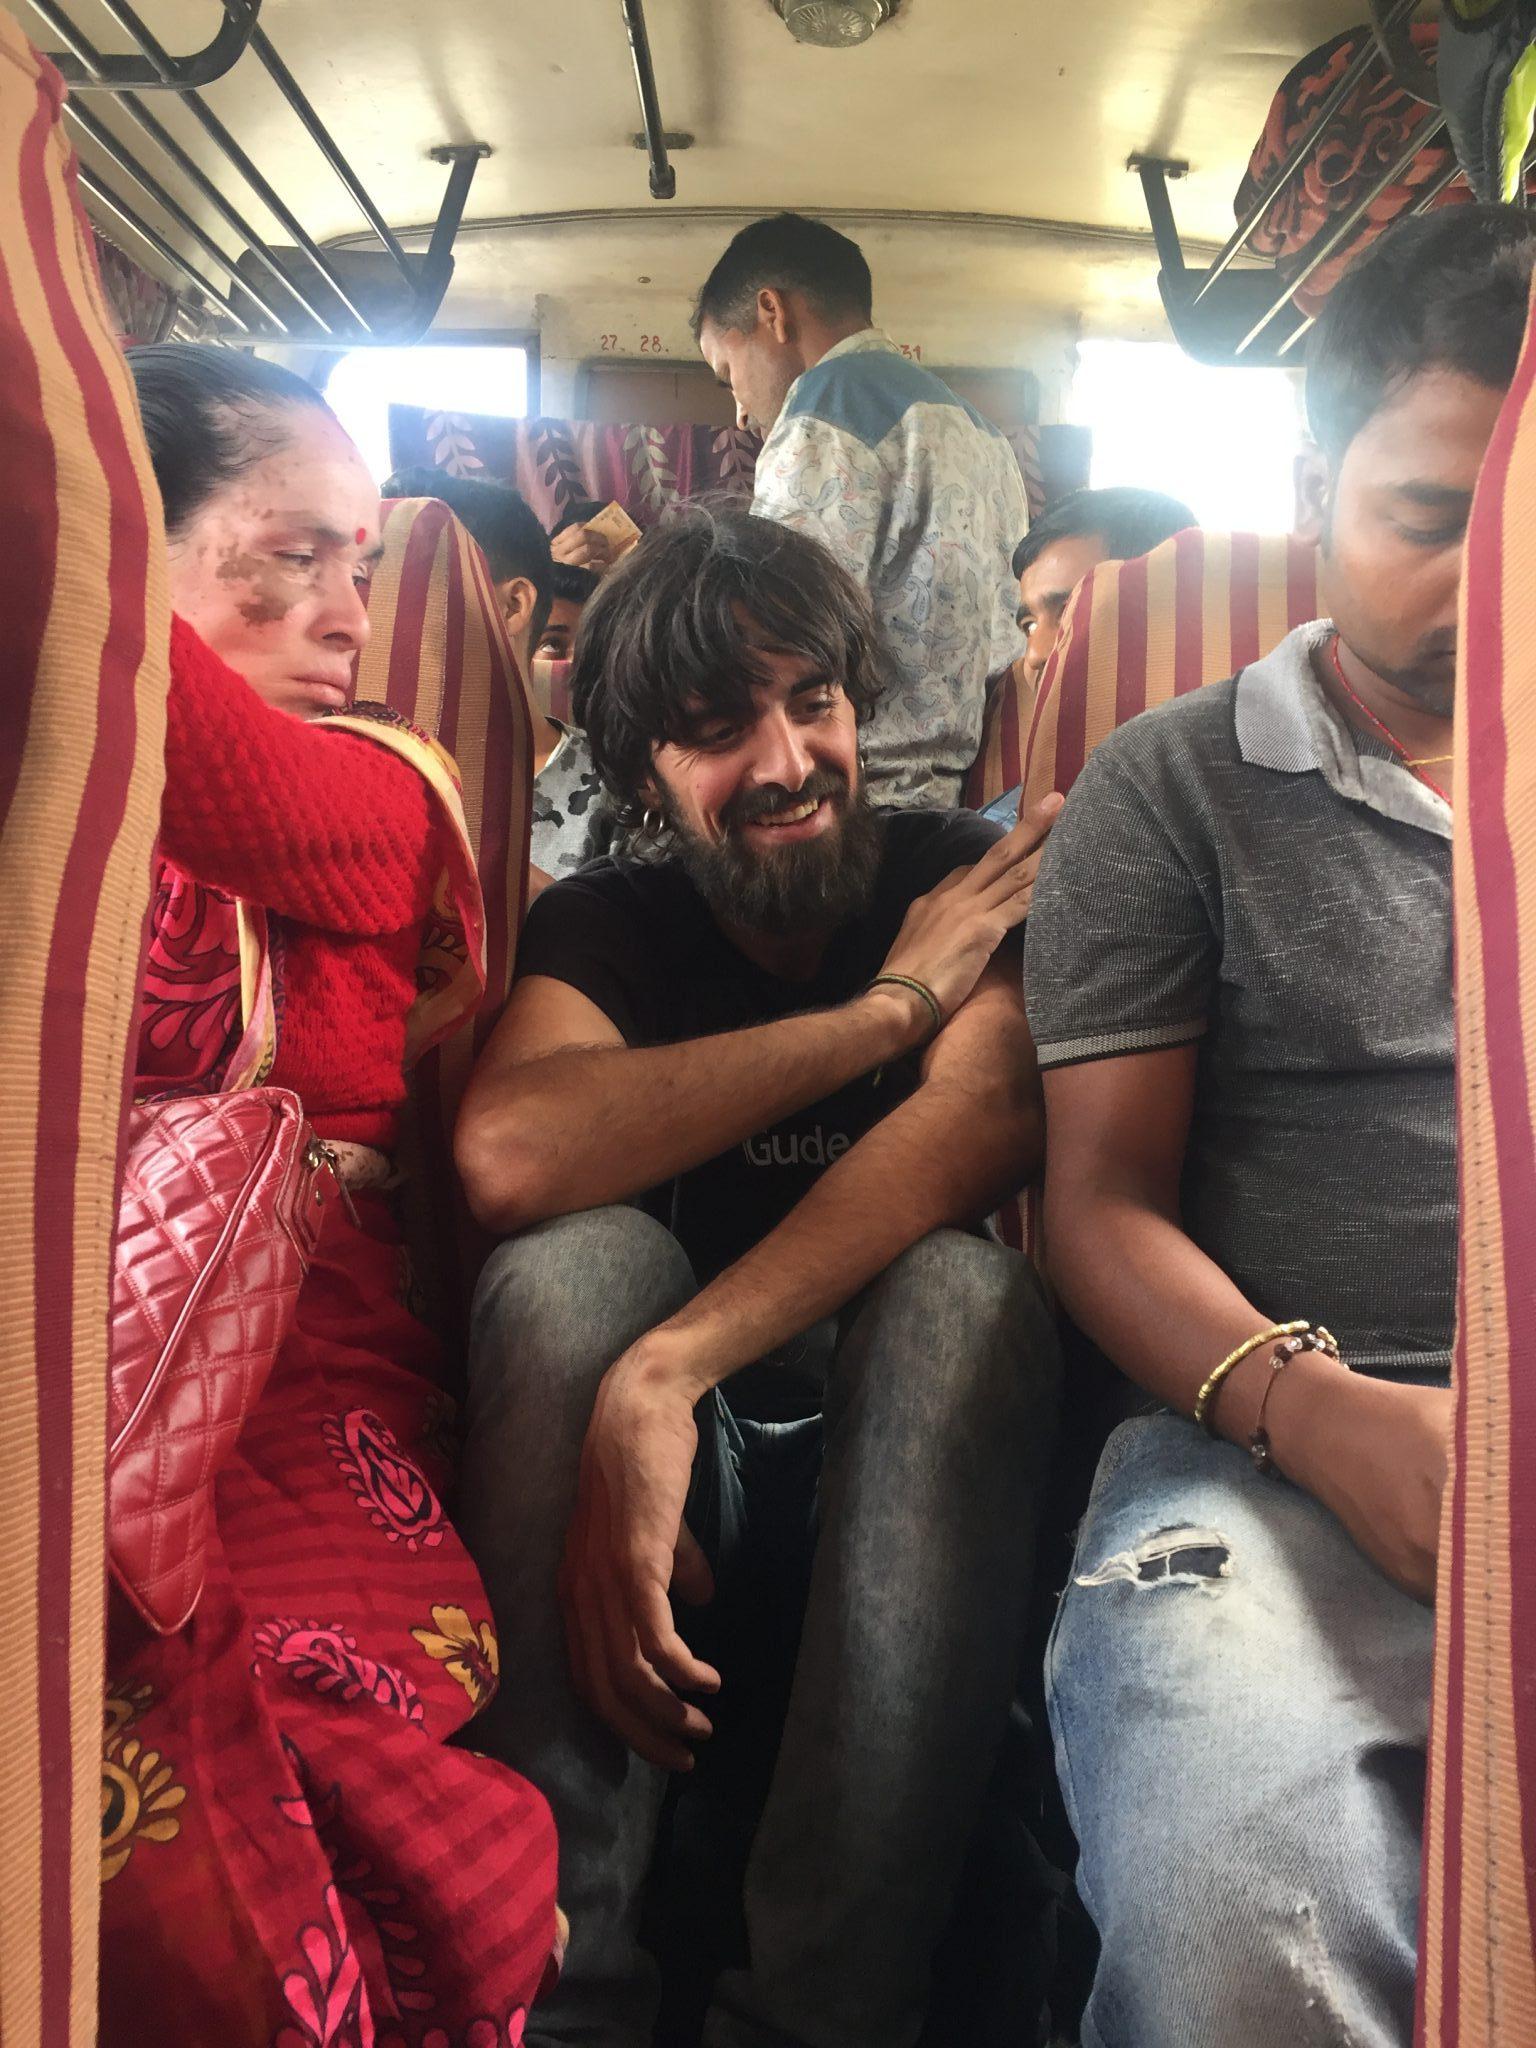 En nuestro primer bus de Arunachal Pradesh sentados en el pasillo por falta de sitio y en una carretera de montaña.